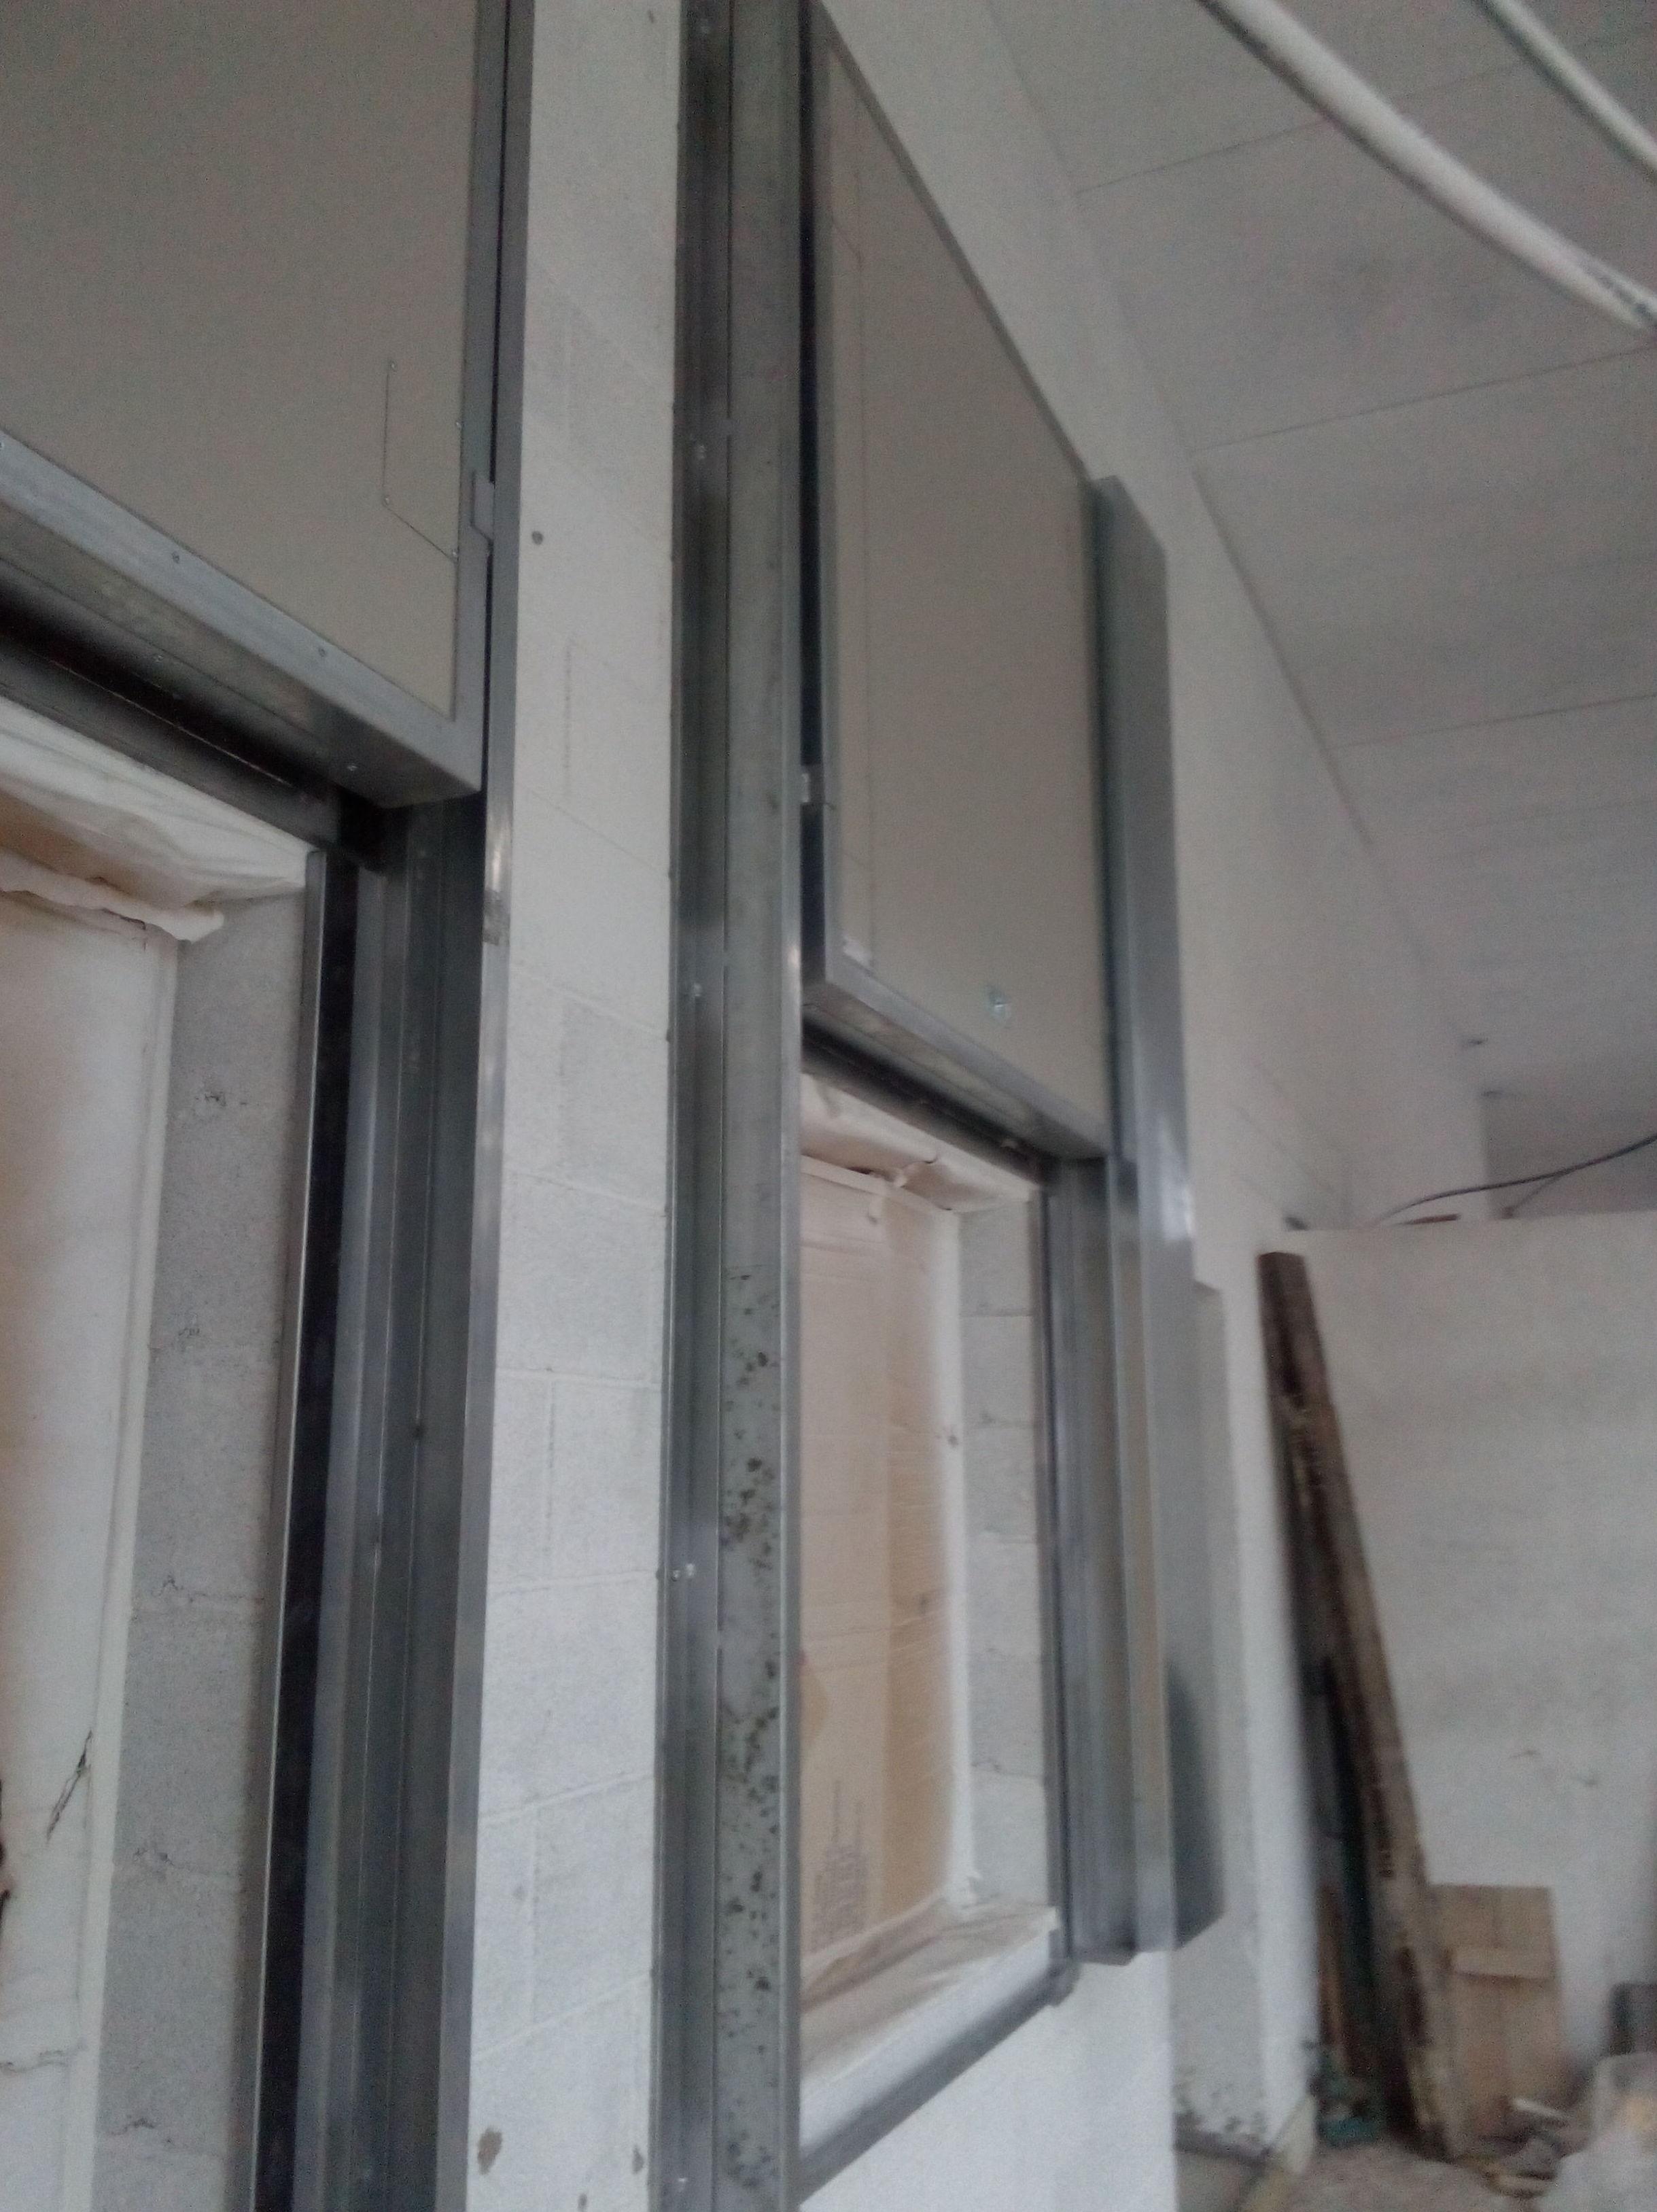 Puertas cortafuegos guillotinas verticales contrapesos laterales, certificadas con resistencia al fuego 90 minutos